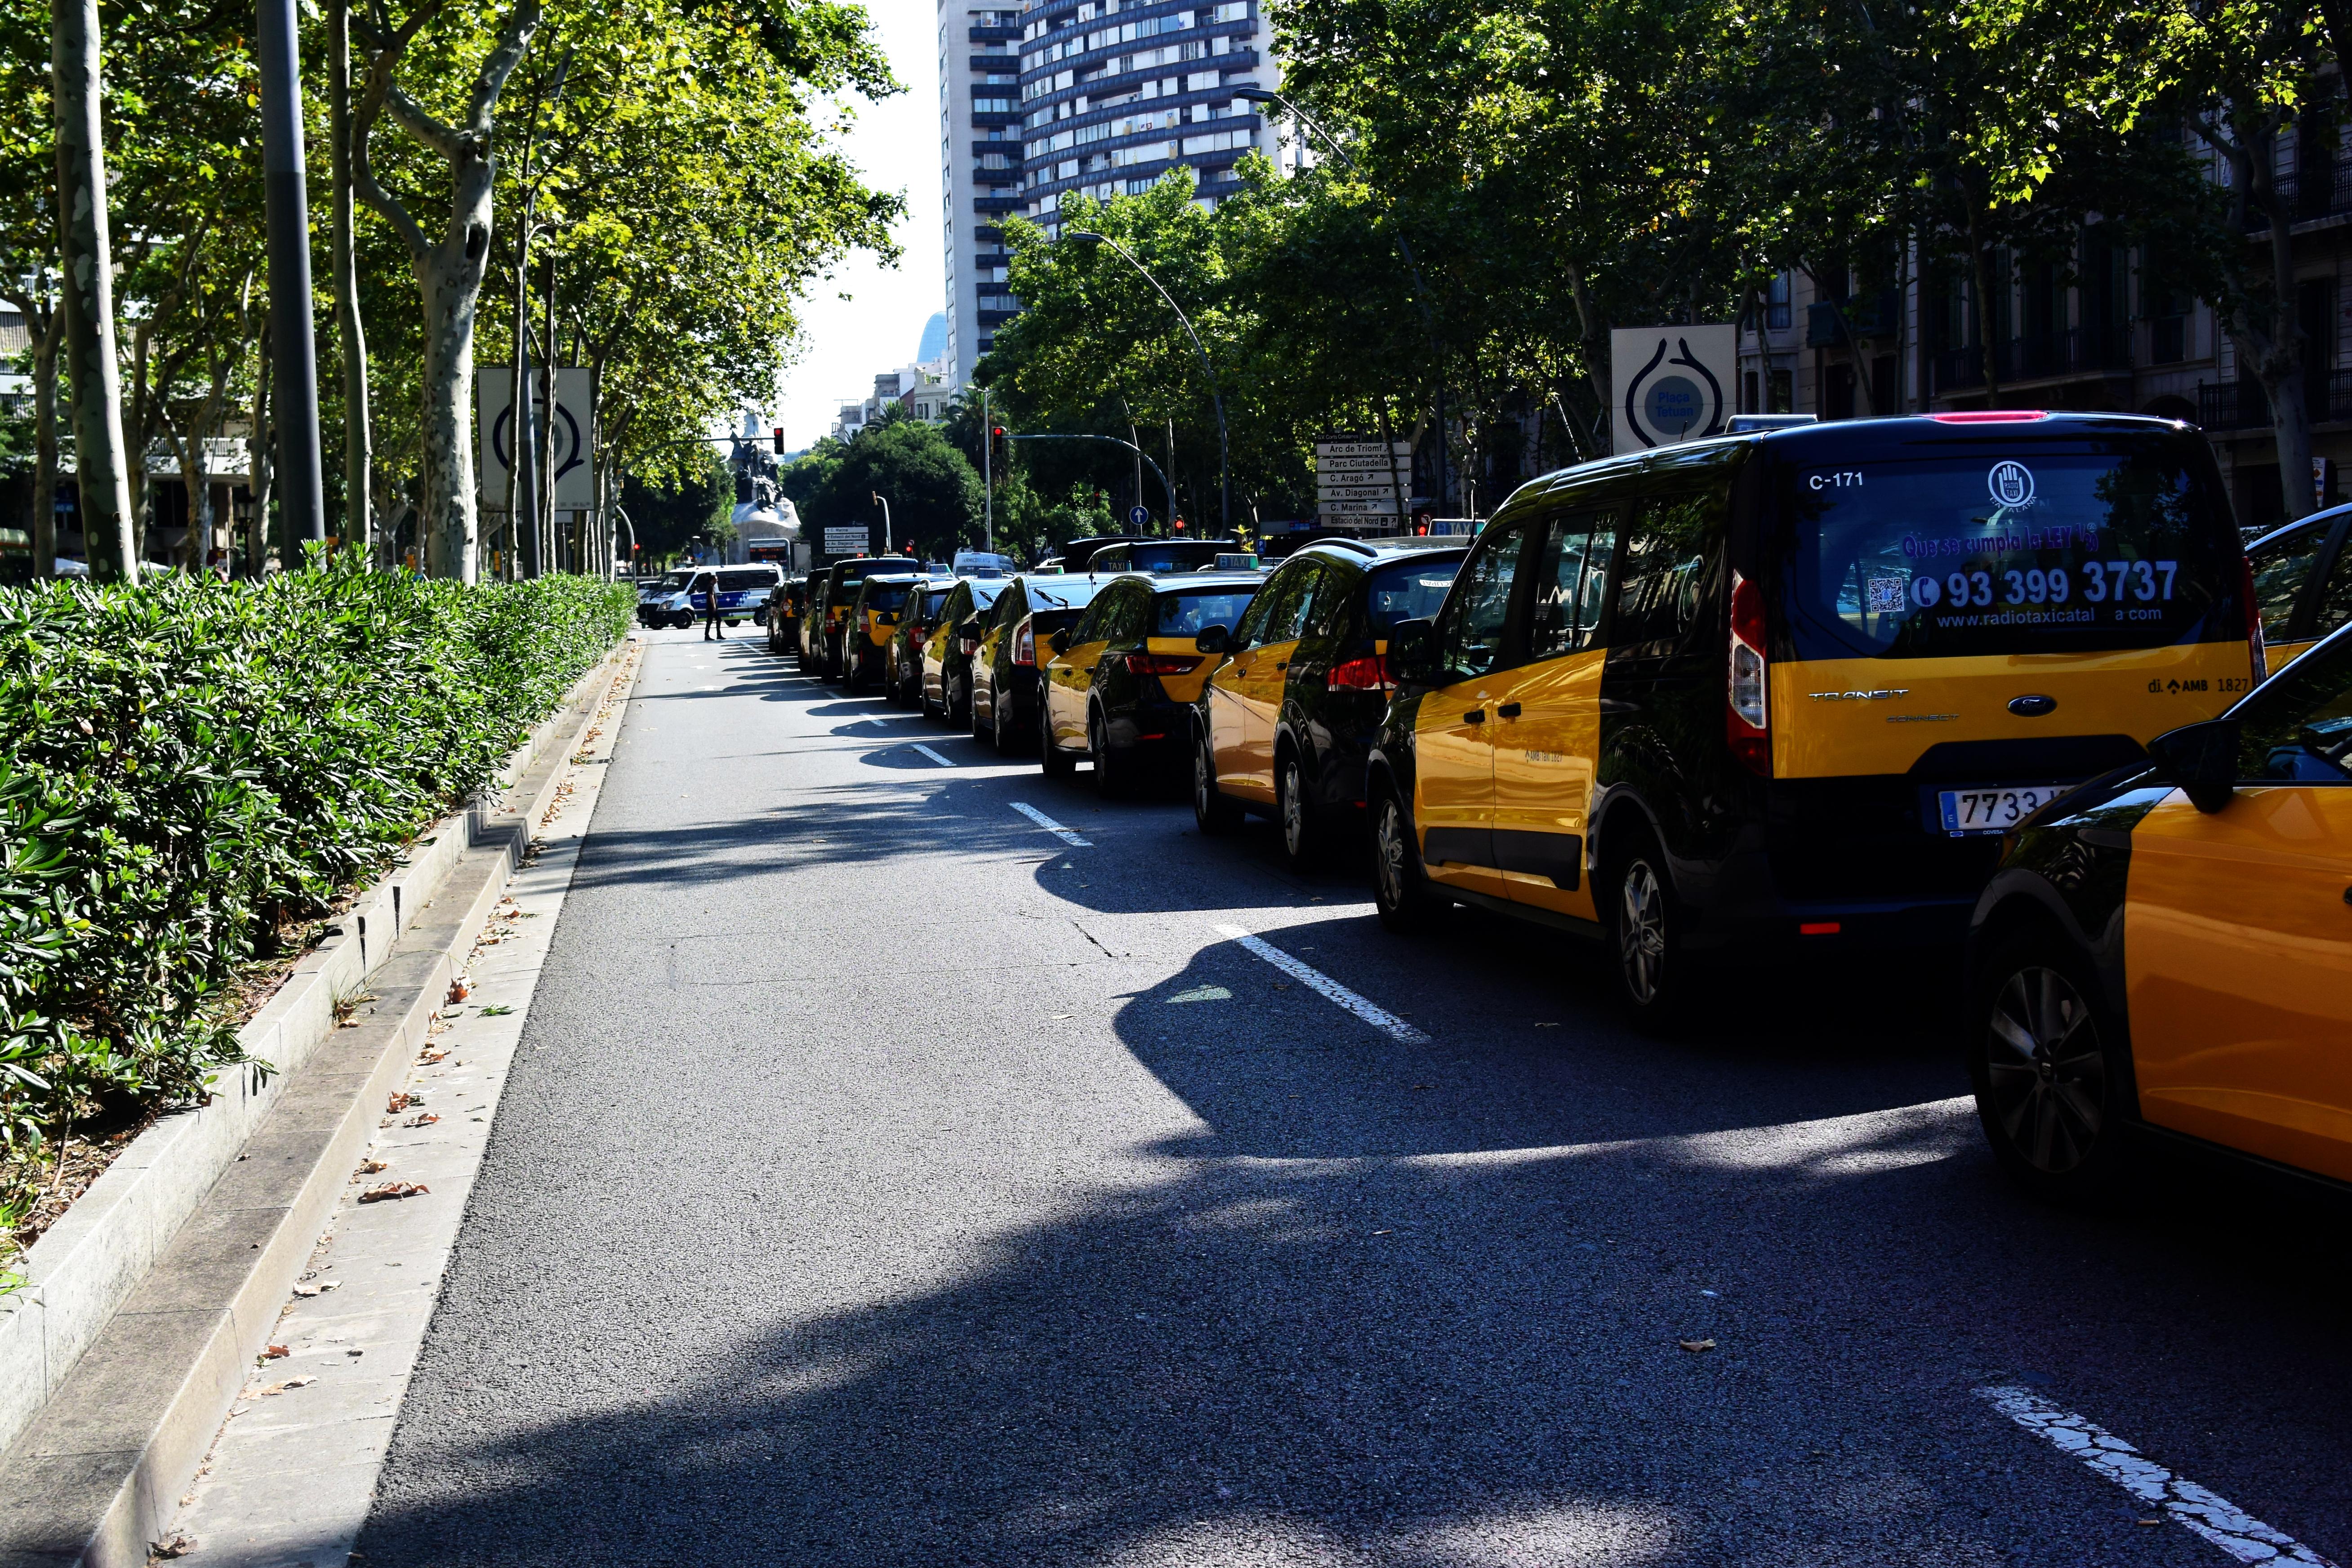 La concentració de taxis deixa circular pels vorals de Gran Via i Passeig de Gràcia. Foto: Tomeu Ferrer